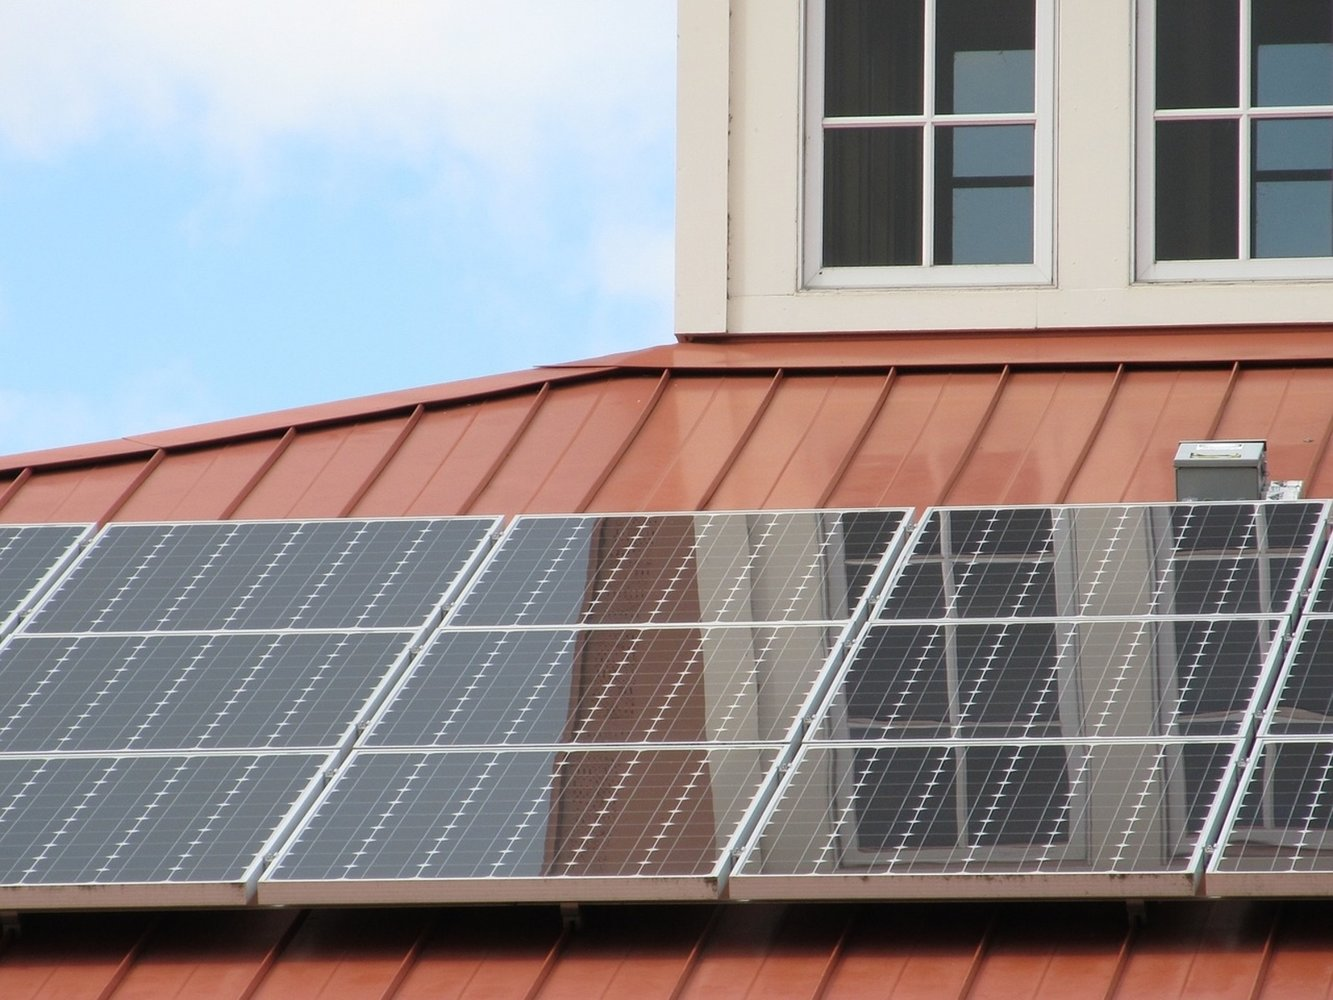 des panneaux solaires pour la réglementation thermique